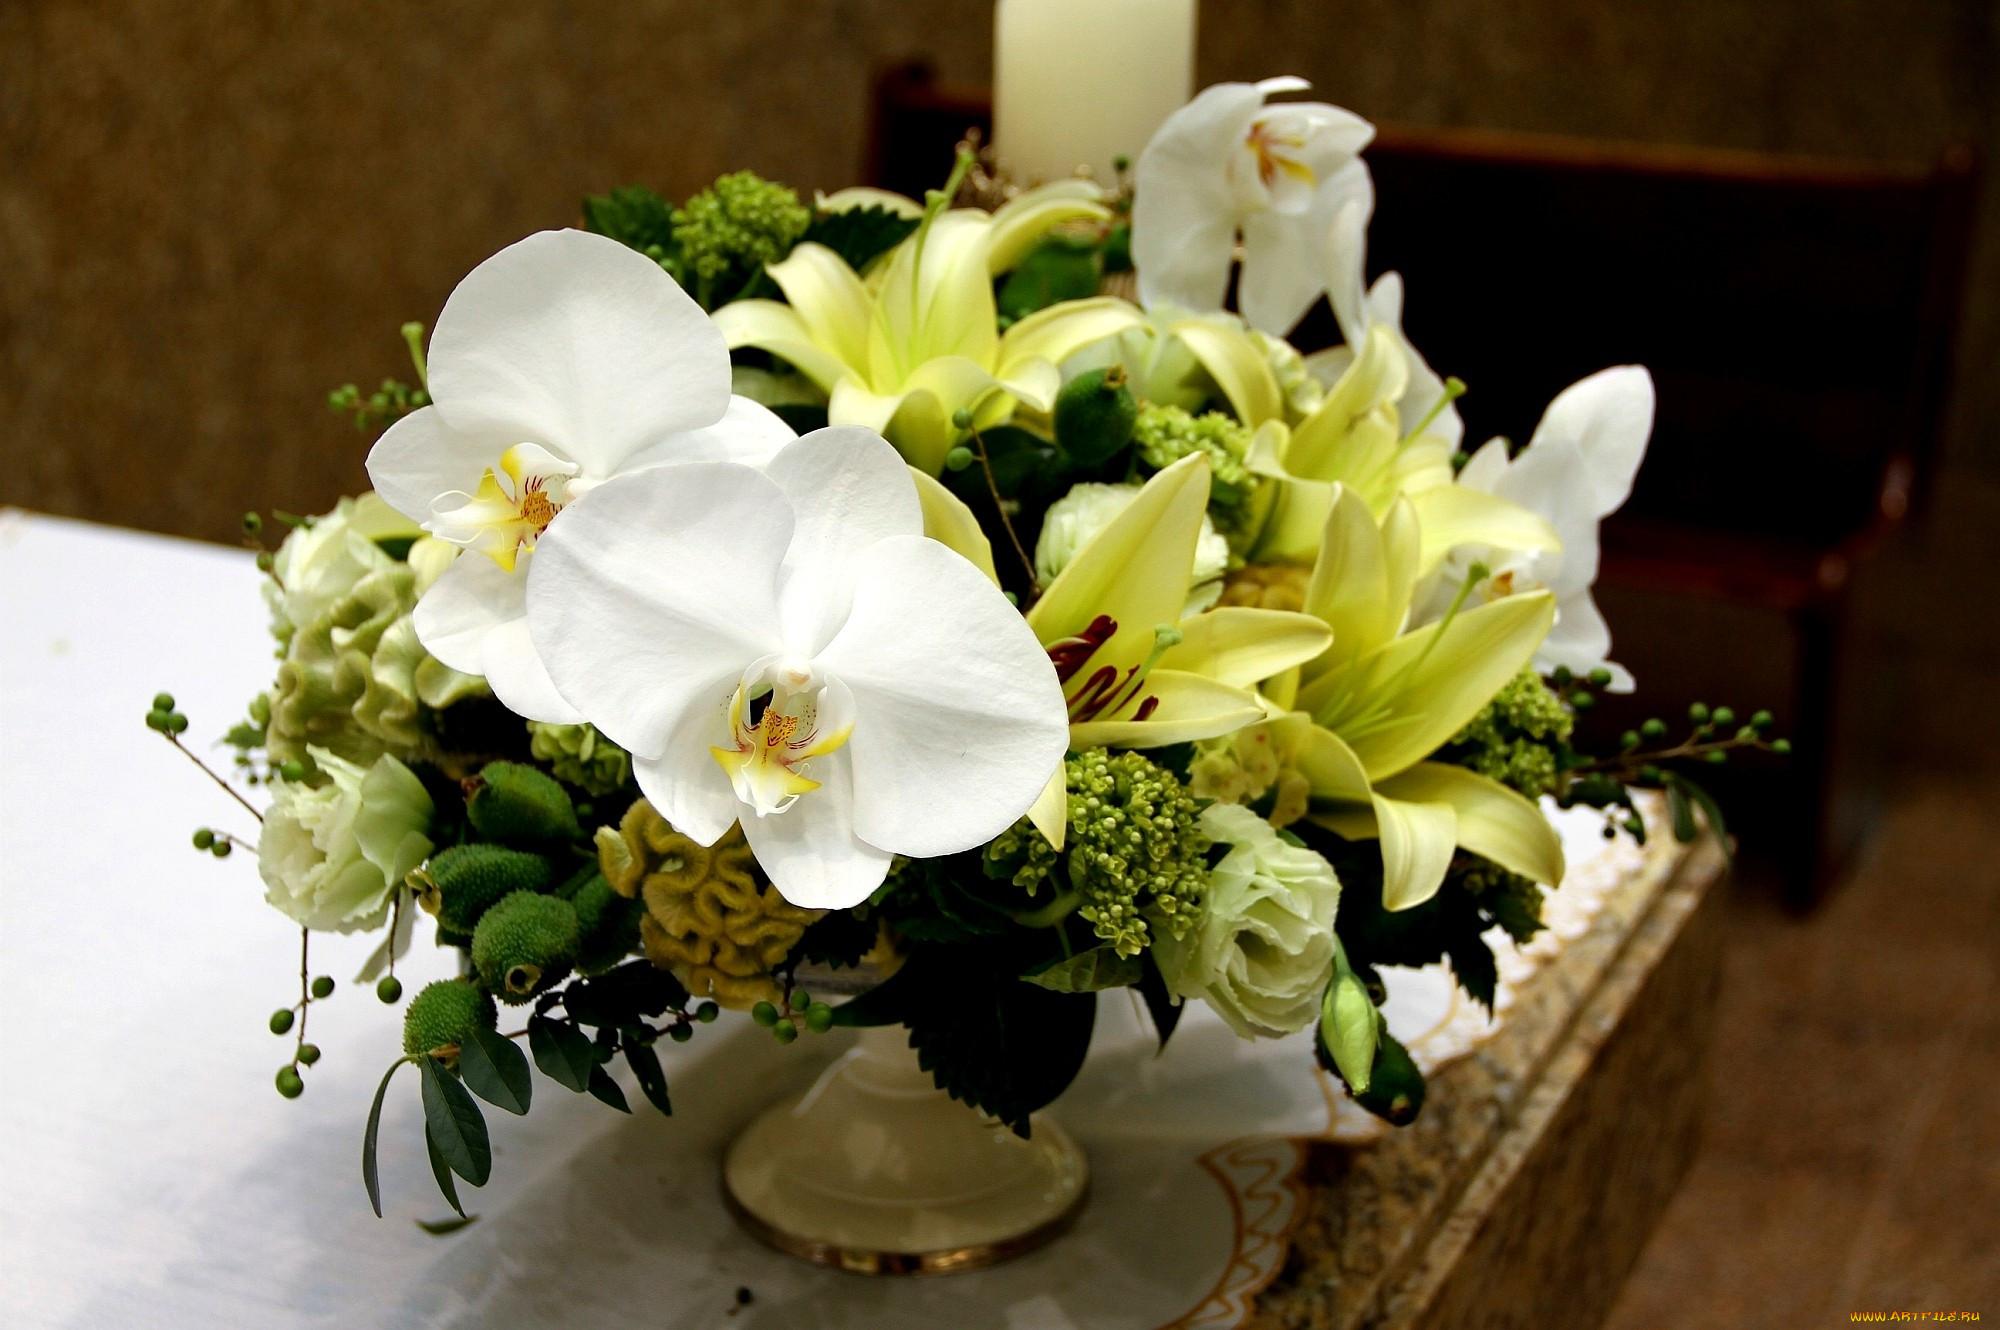 камеру фотографии лилий и орхидей все них прошли